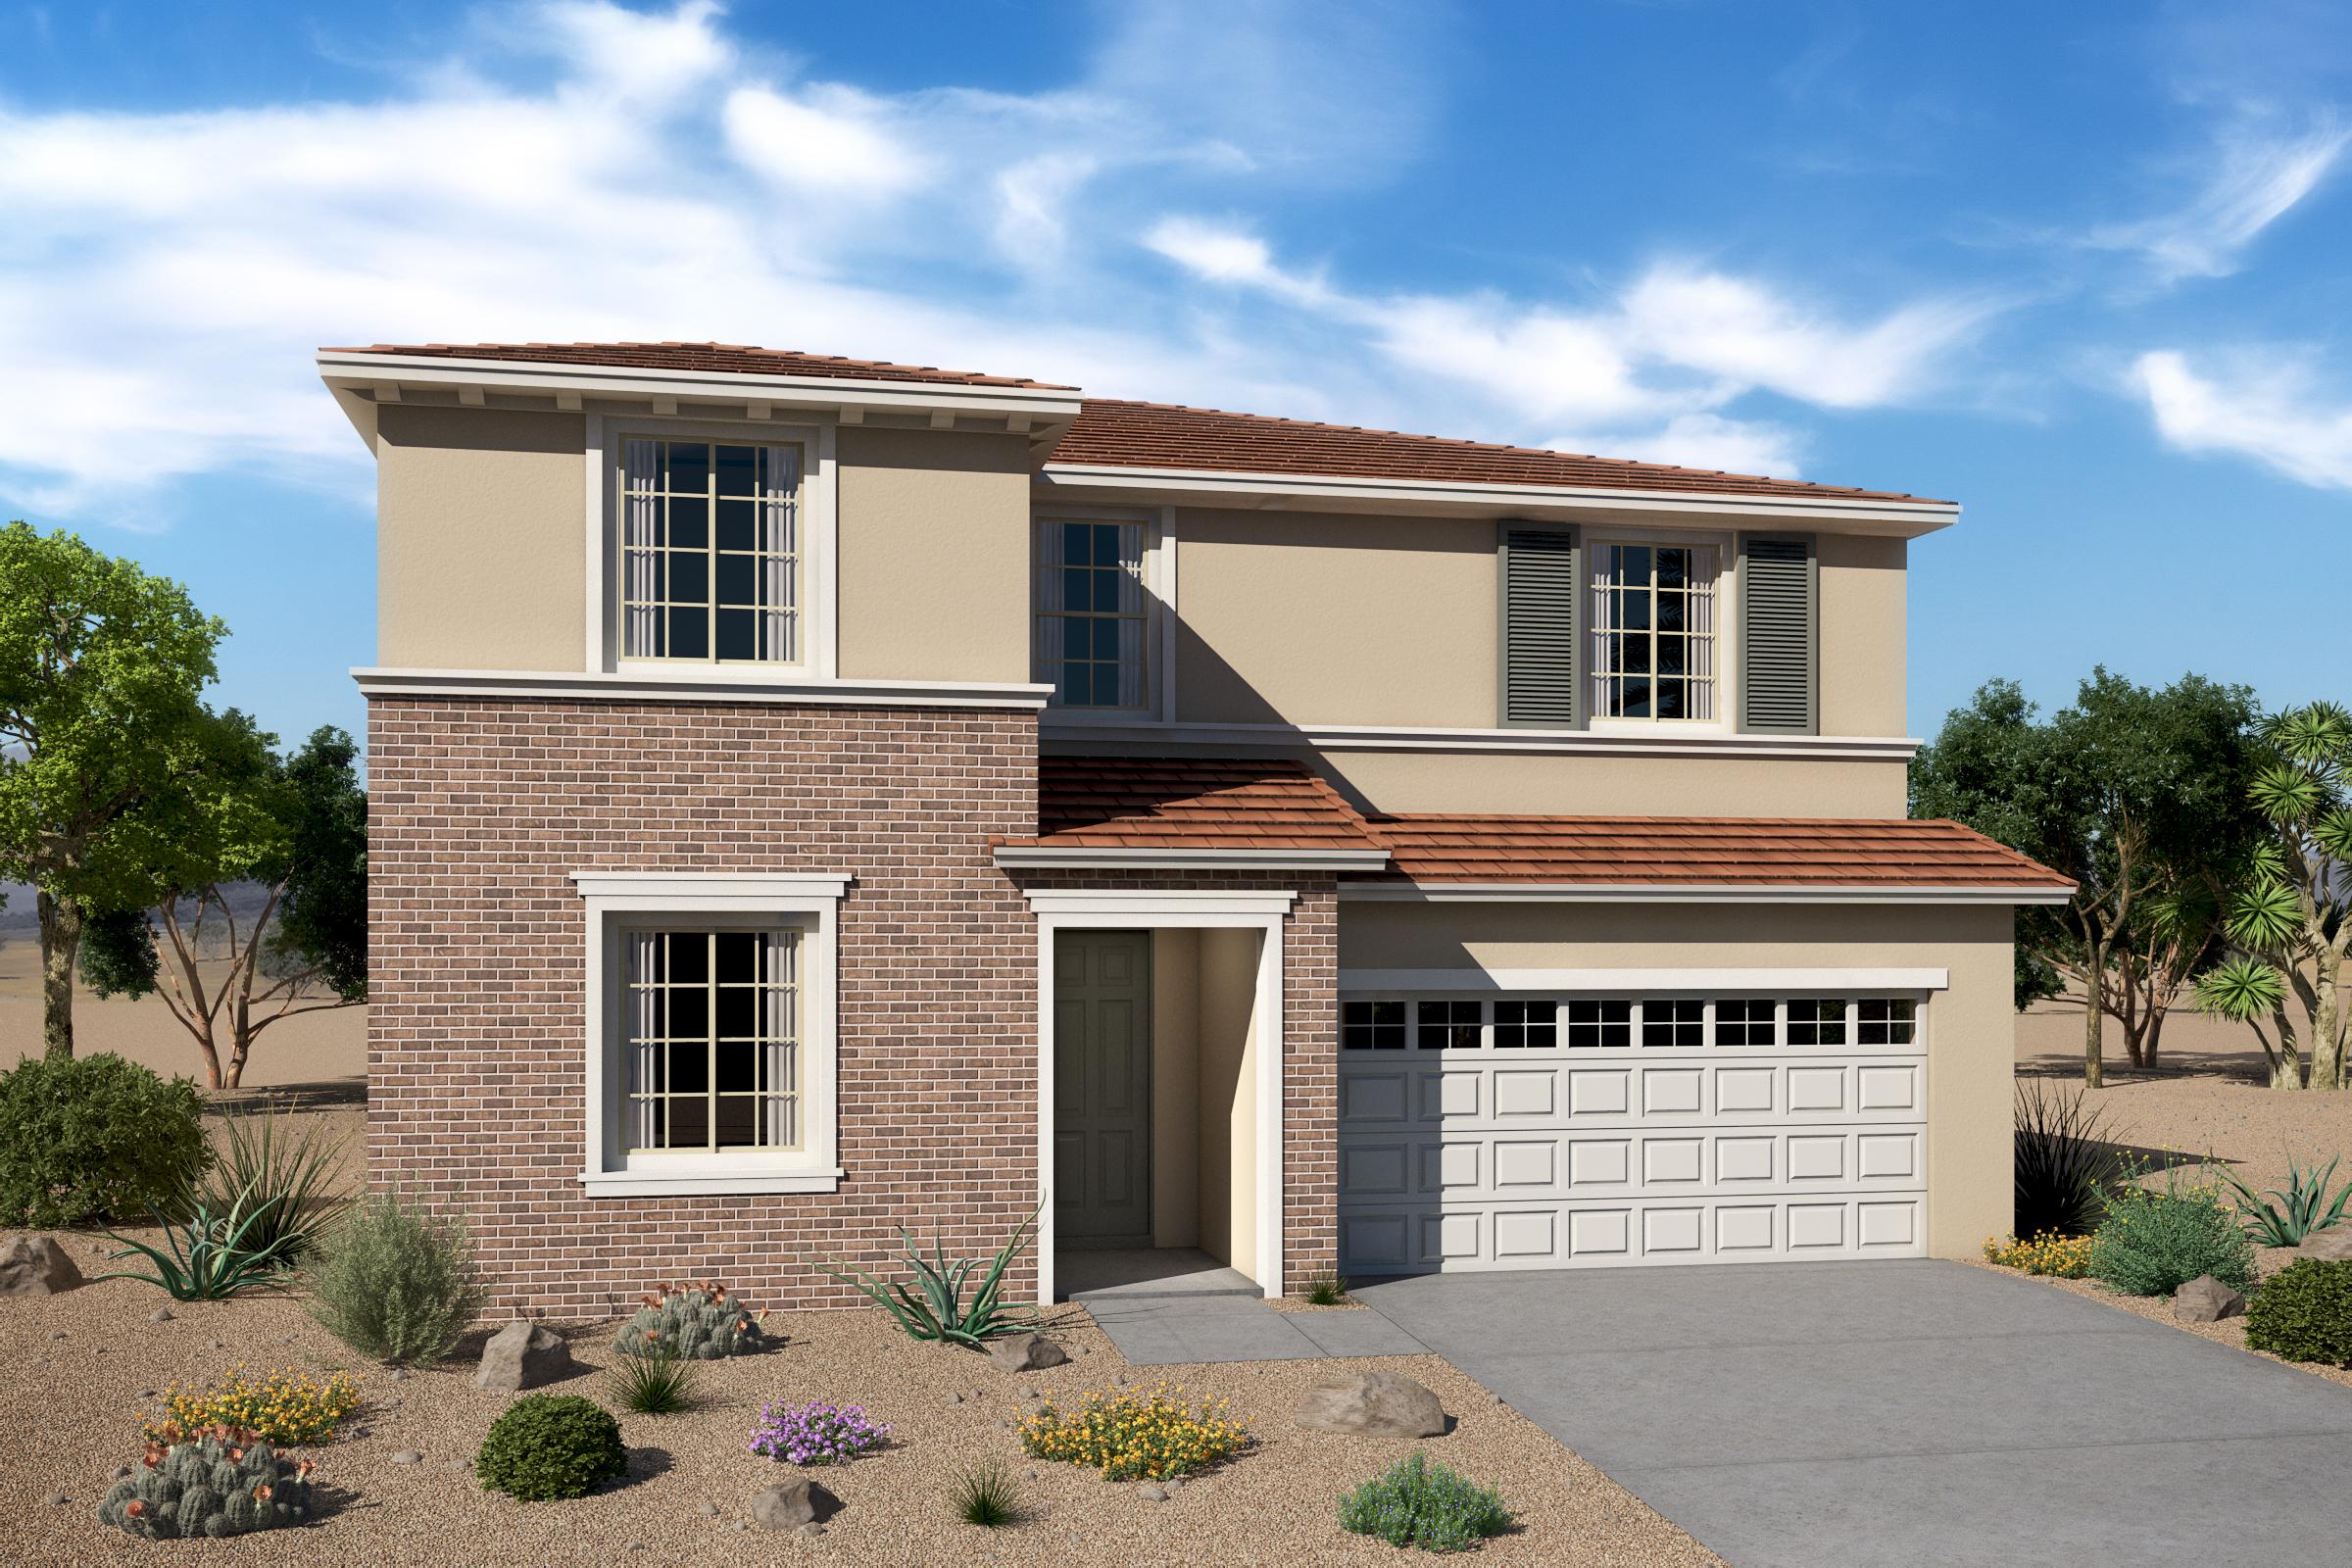 Affinity At Verrado New Homes In Buckeye AZ